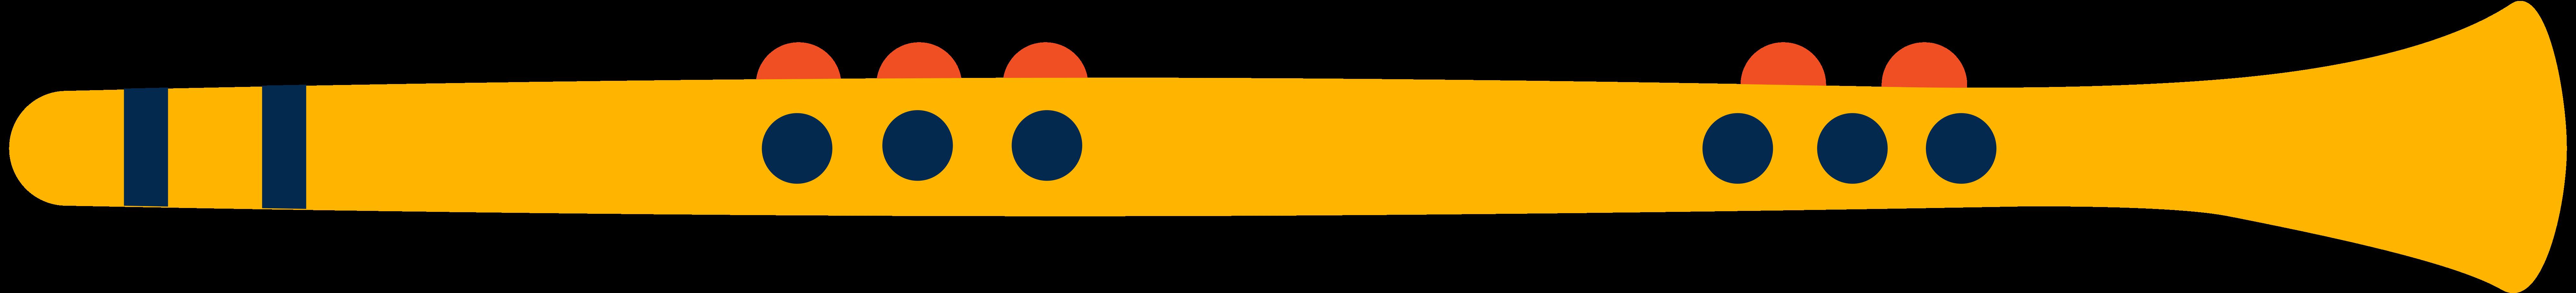 flute Clipart illustration in PNG, SVG